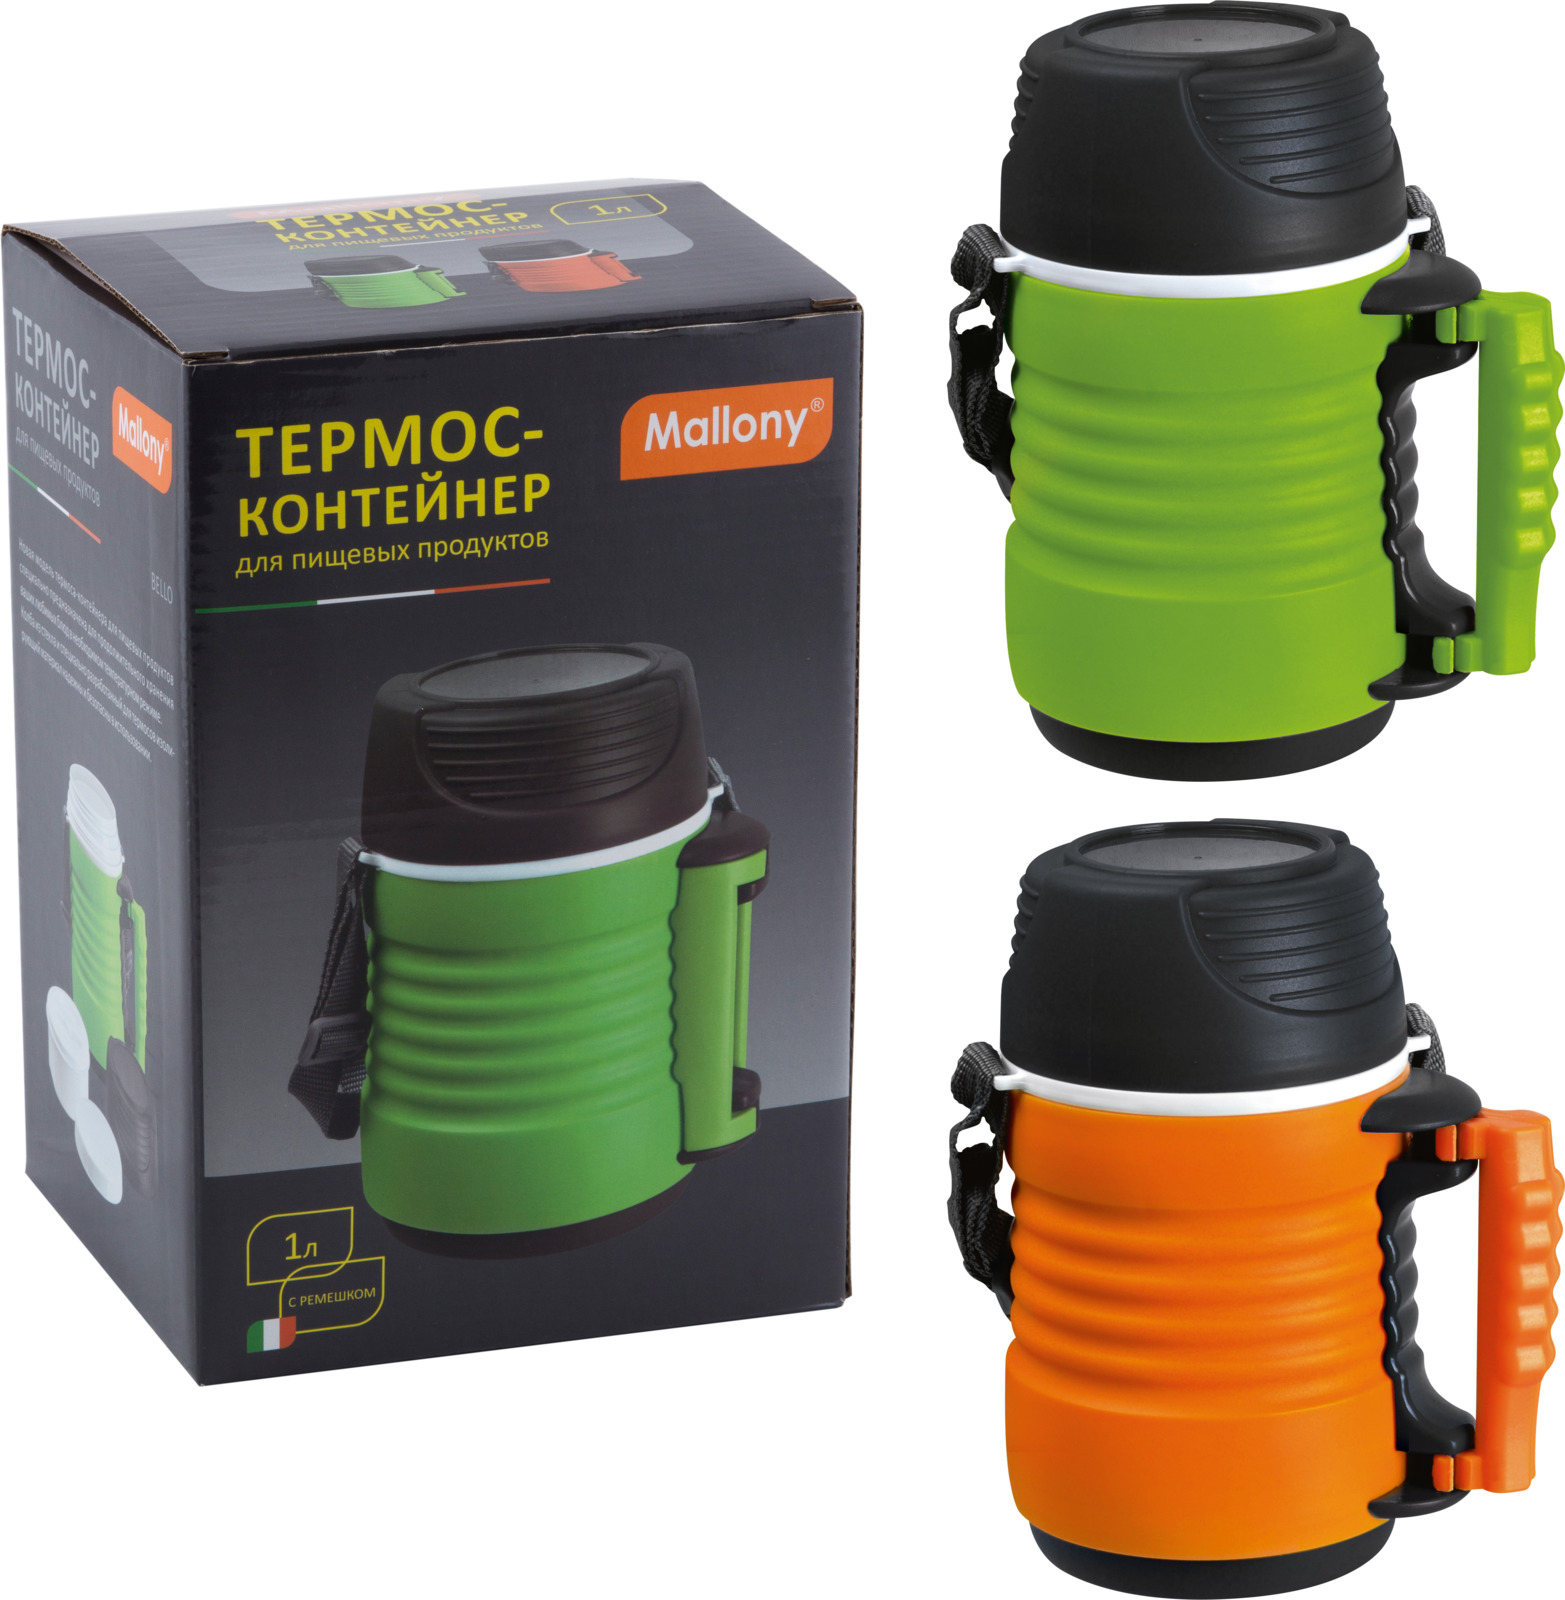 Термос-контейнер Mallony Bello, цвет: зеленый, оранжевый, 1 л